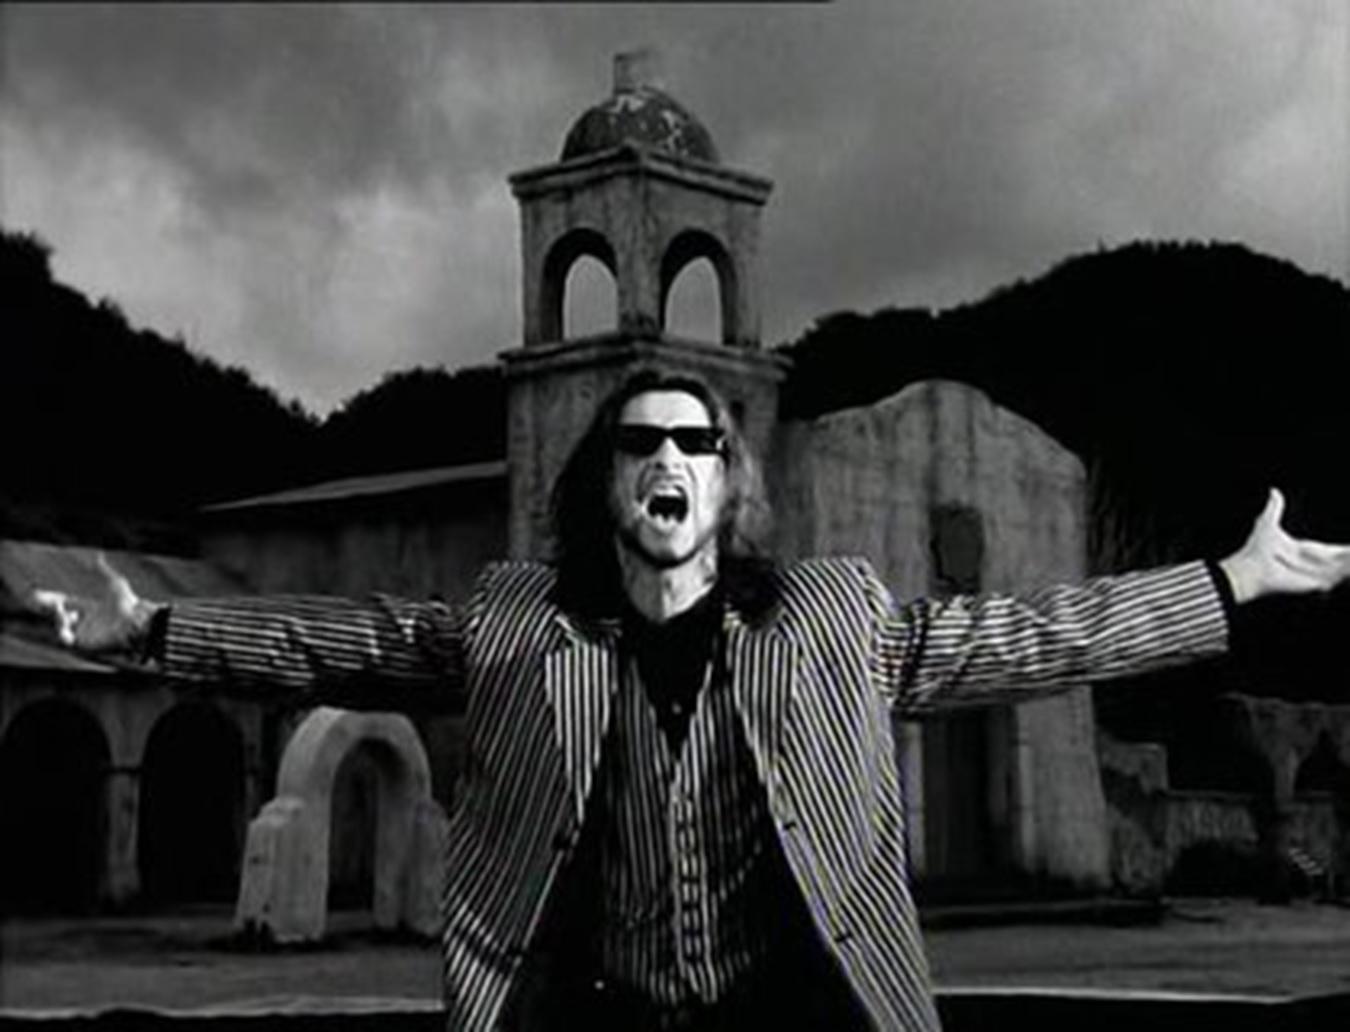 billigaste bra försäljning Det bästa Depeche Mode: The Videos 86>98+ (Video 2002) - Photo Gallery - IMDb